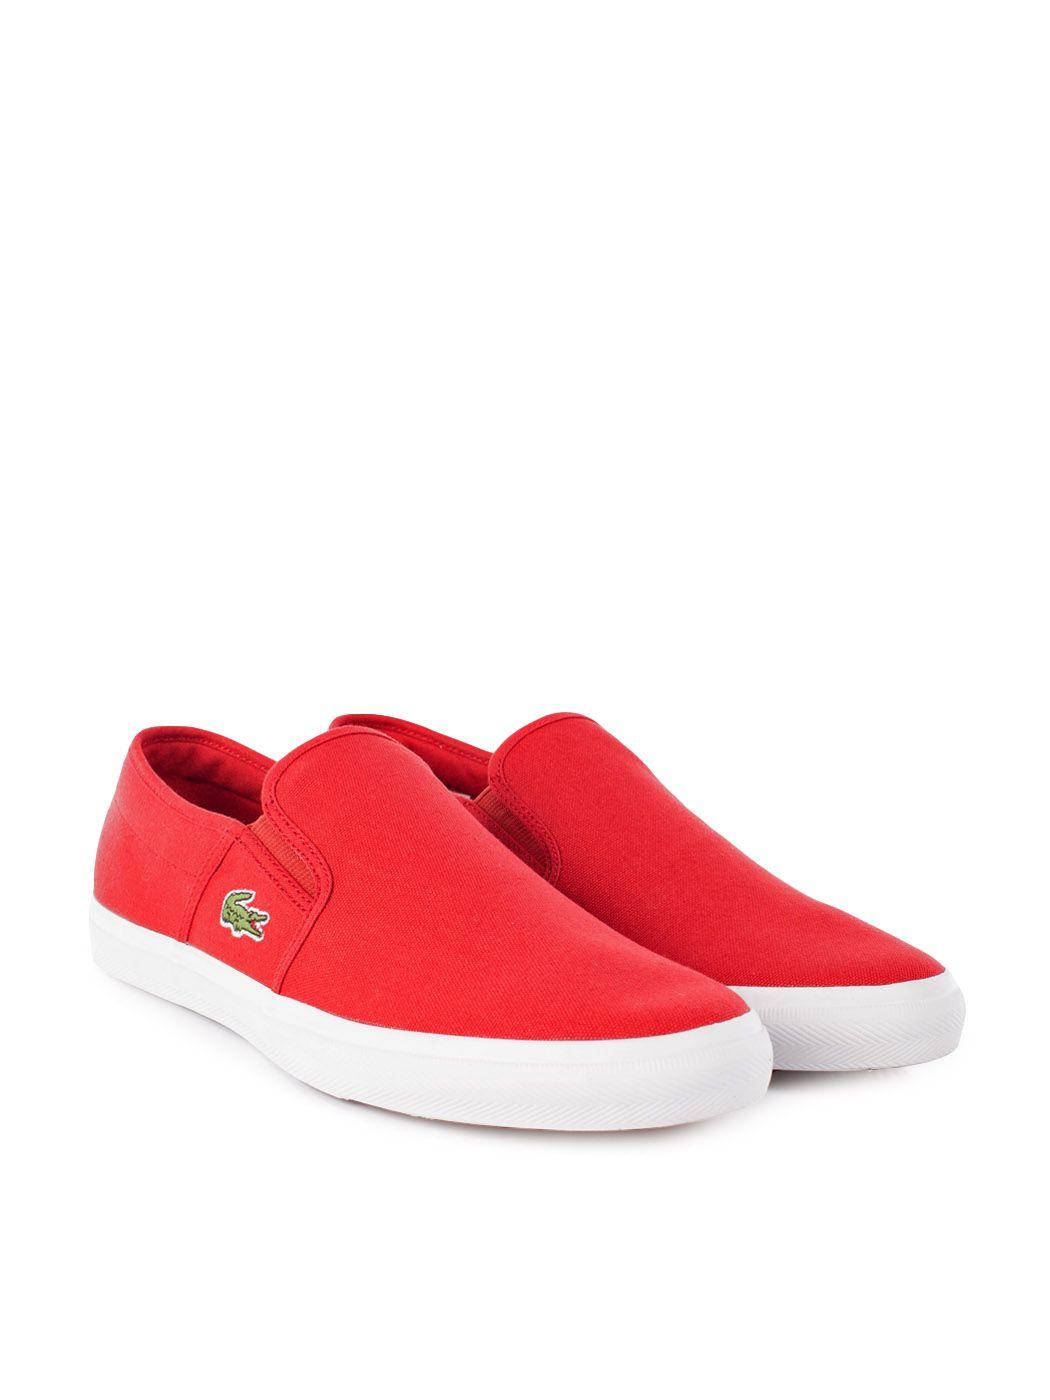 Adquiere Lacoste Aqui Www Clickonero Com Mx Tenis Zapatos Calzado Fashion Moda Hombre Ellos Guapo Lacoste Rojo Lacoste Zapatos Moda